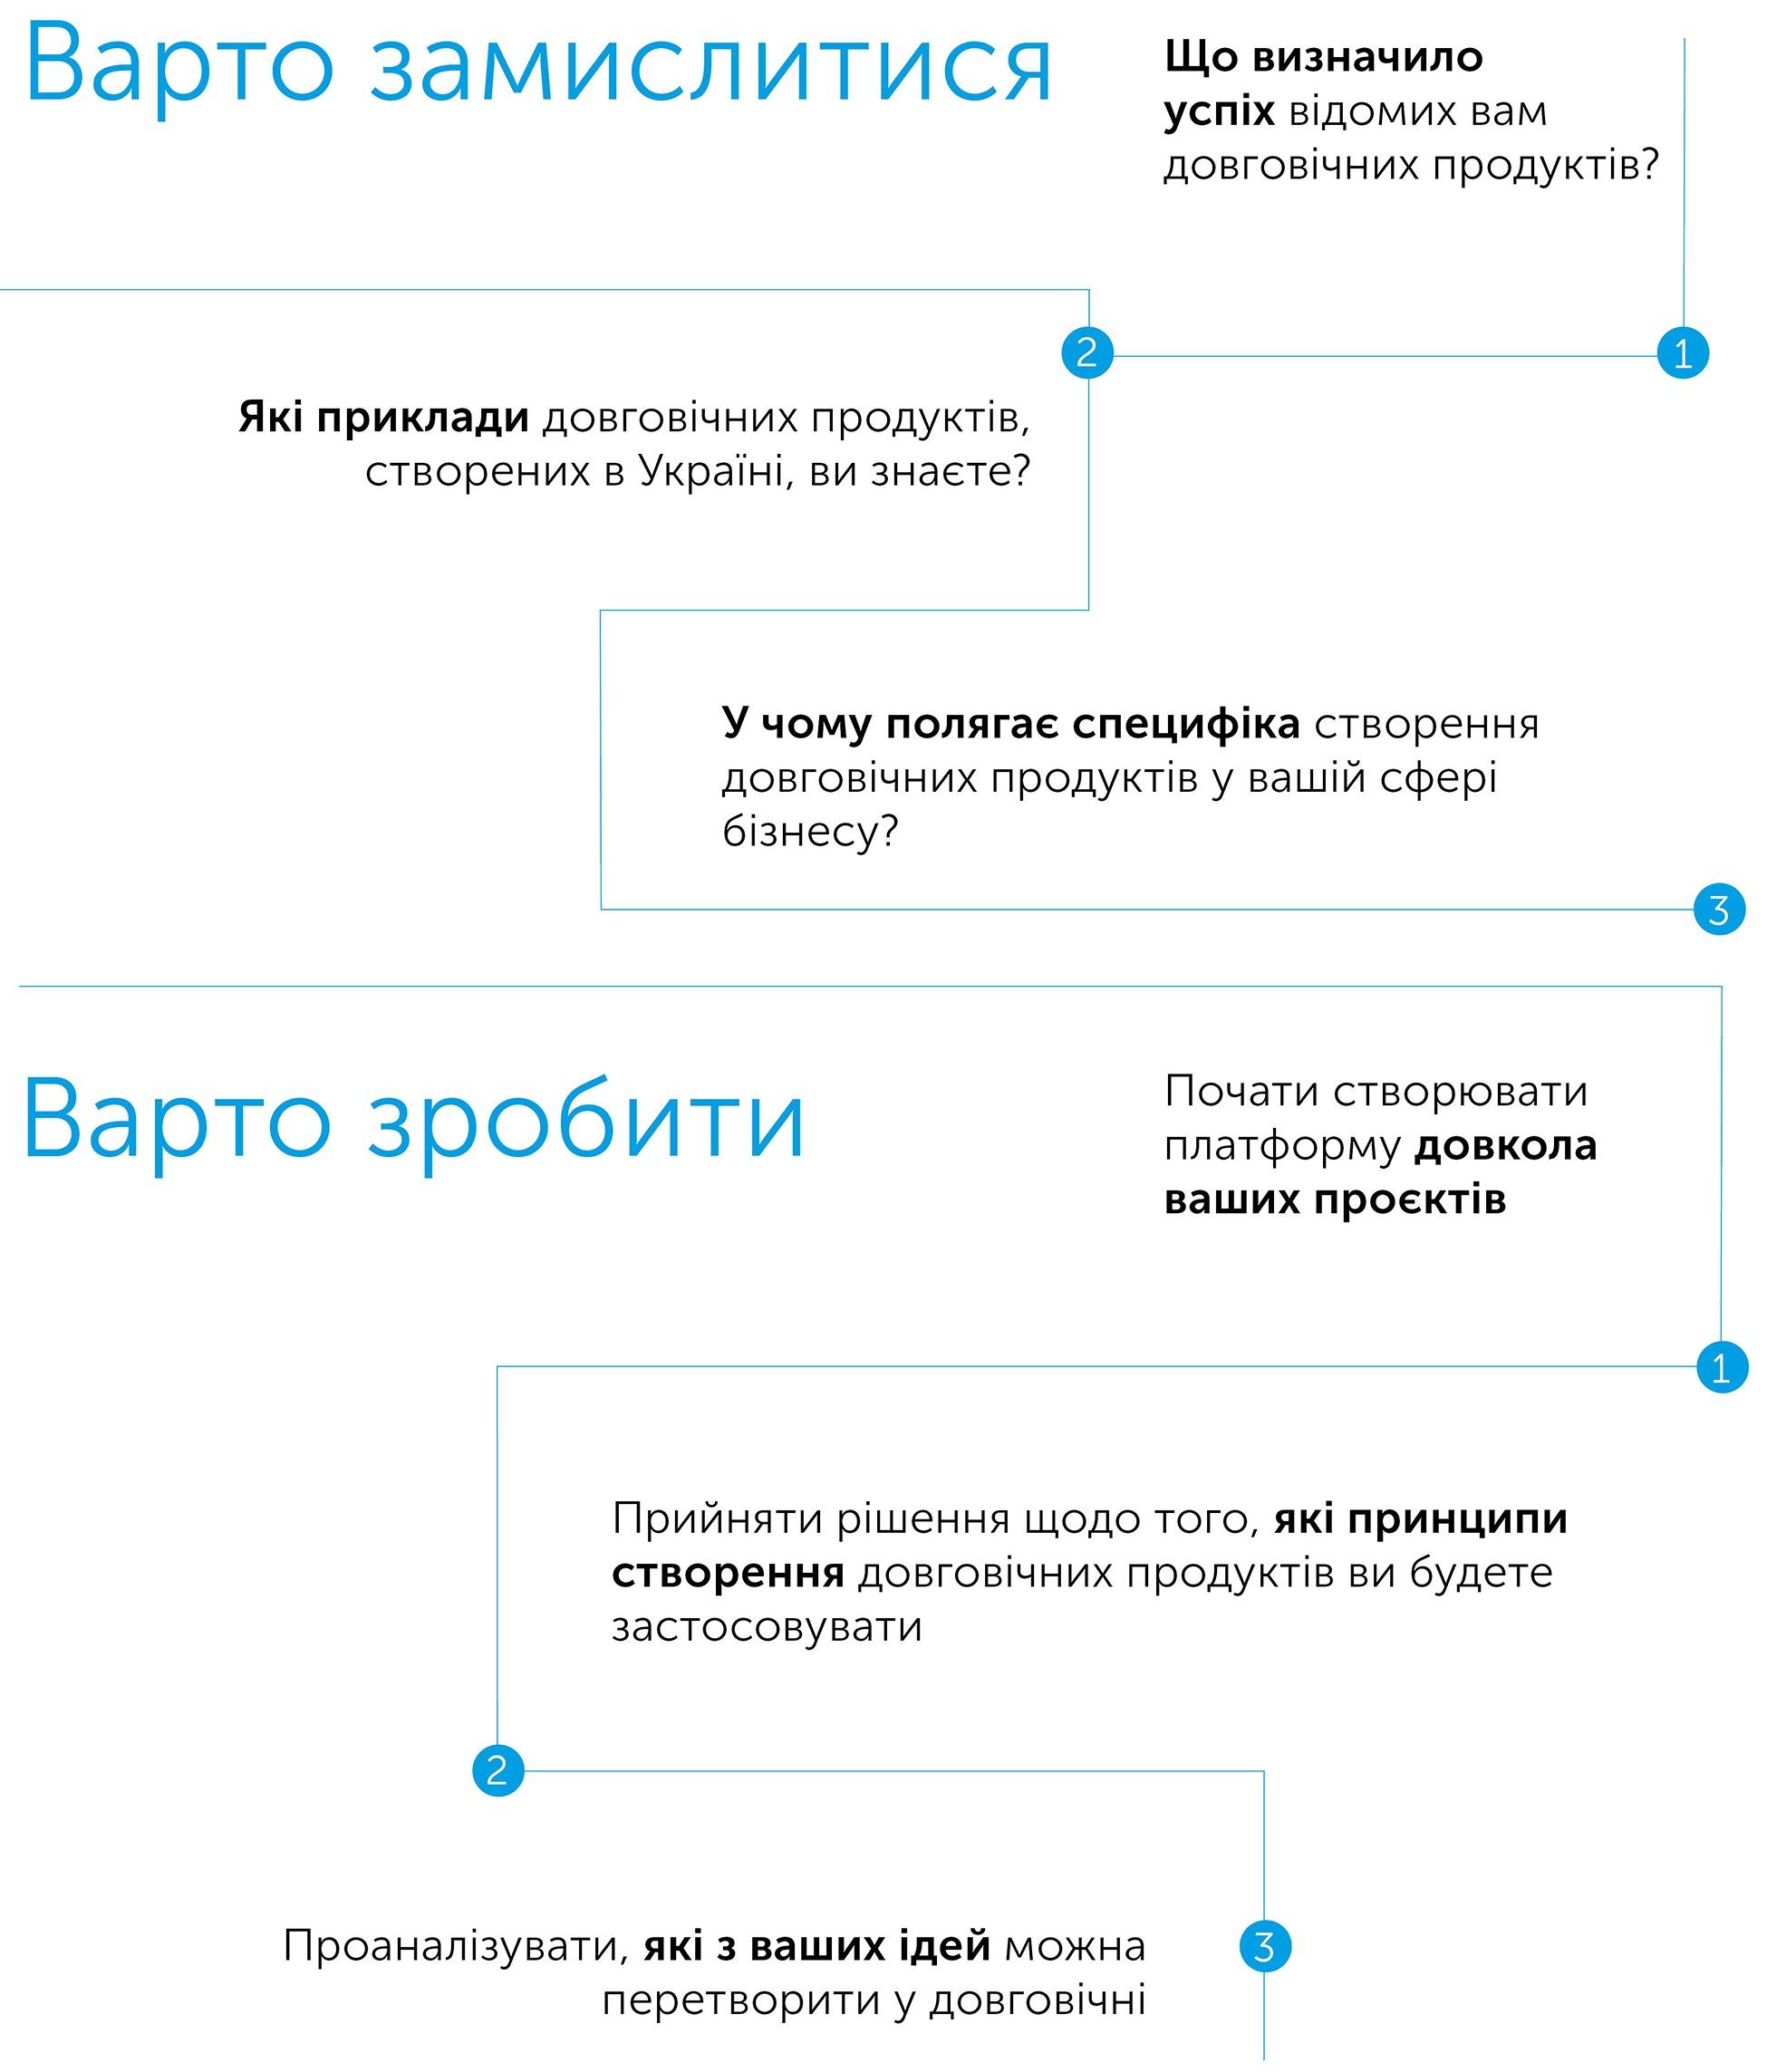 Довговічні, автор Райан Холідей | Kyivstar Business Hub, зображення №4